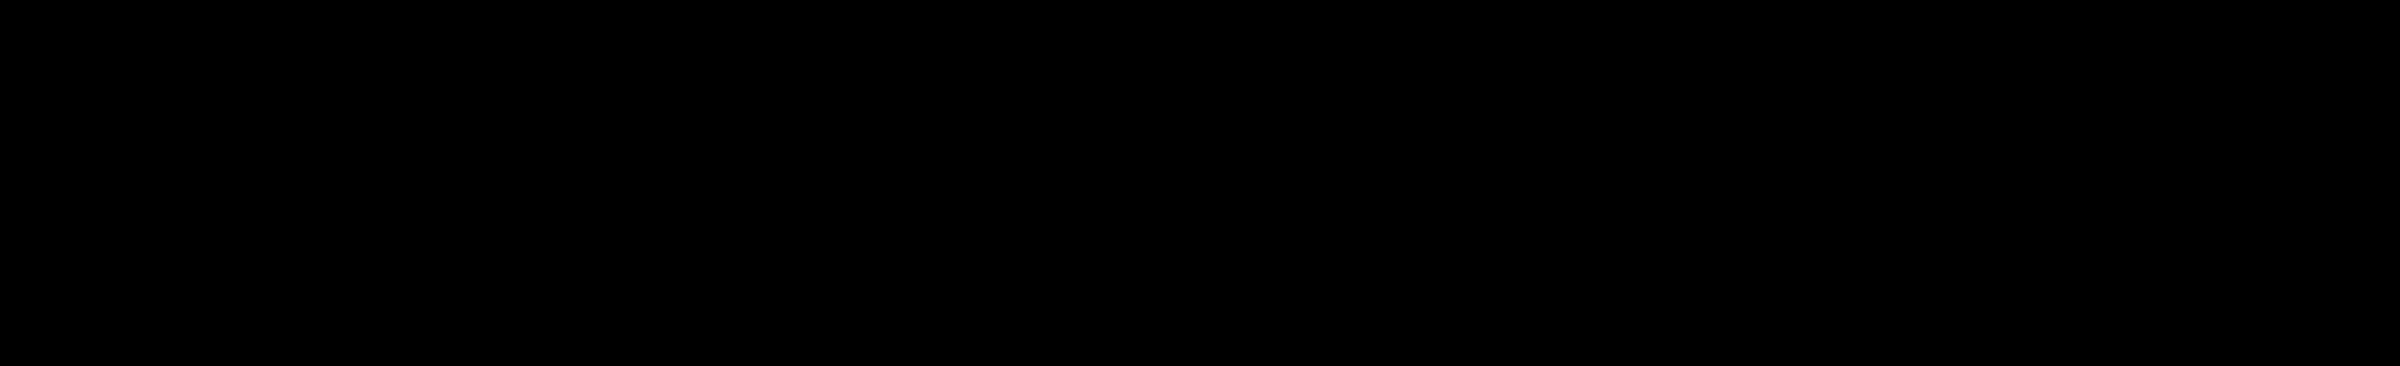 burton-2-logo-png-transparent